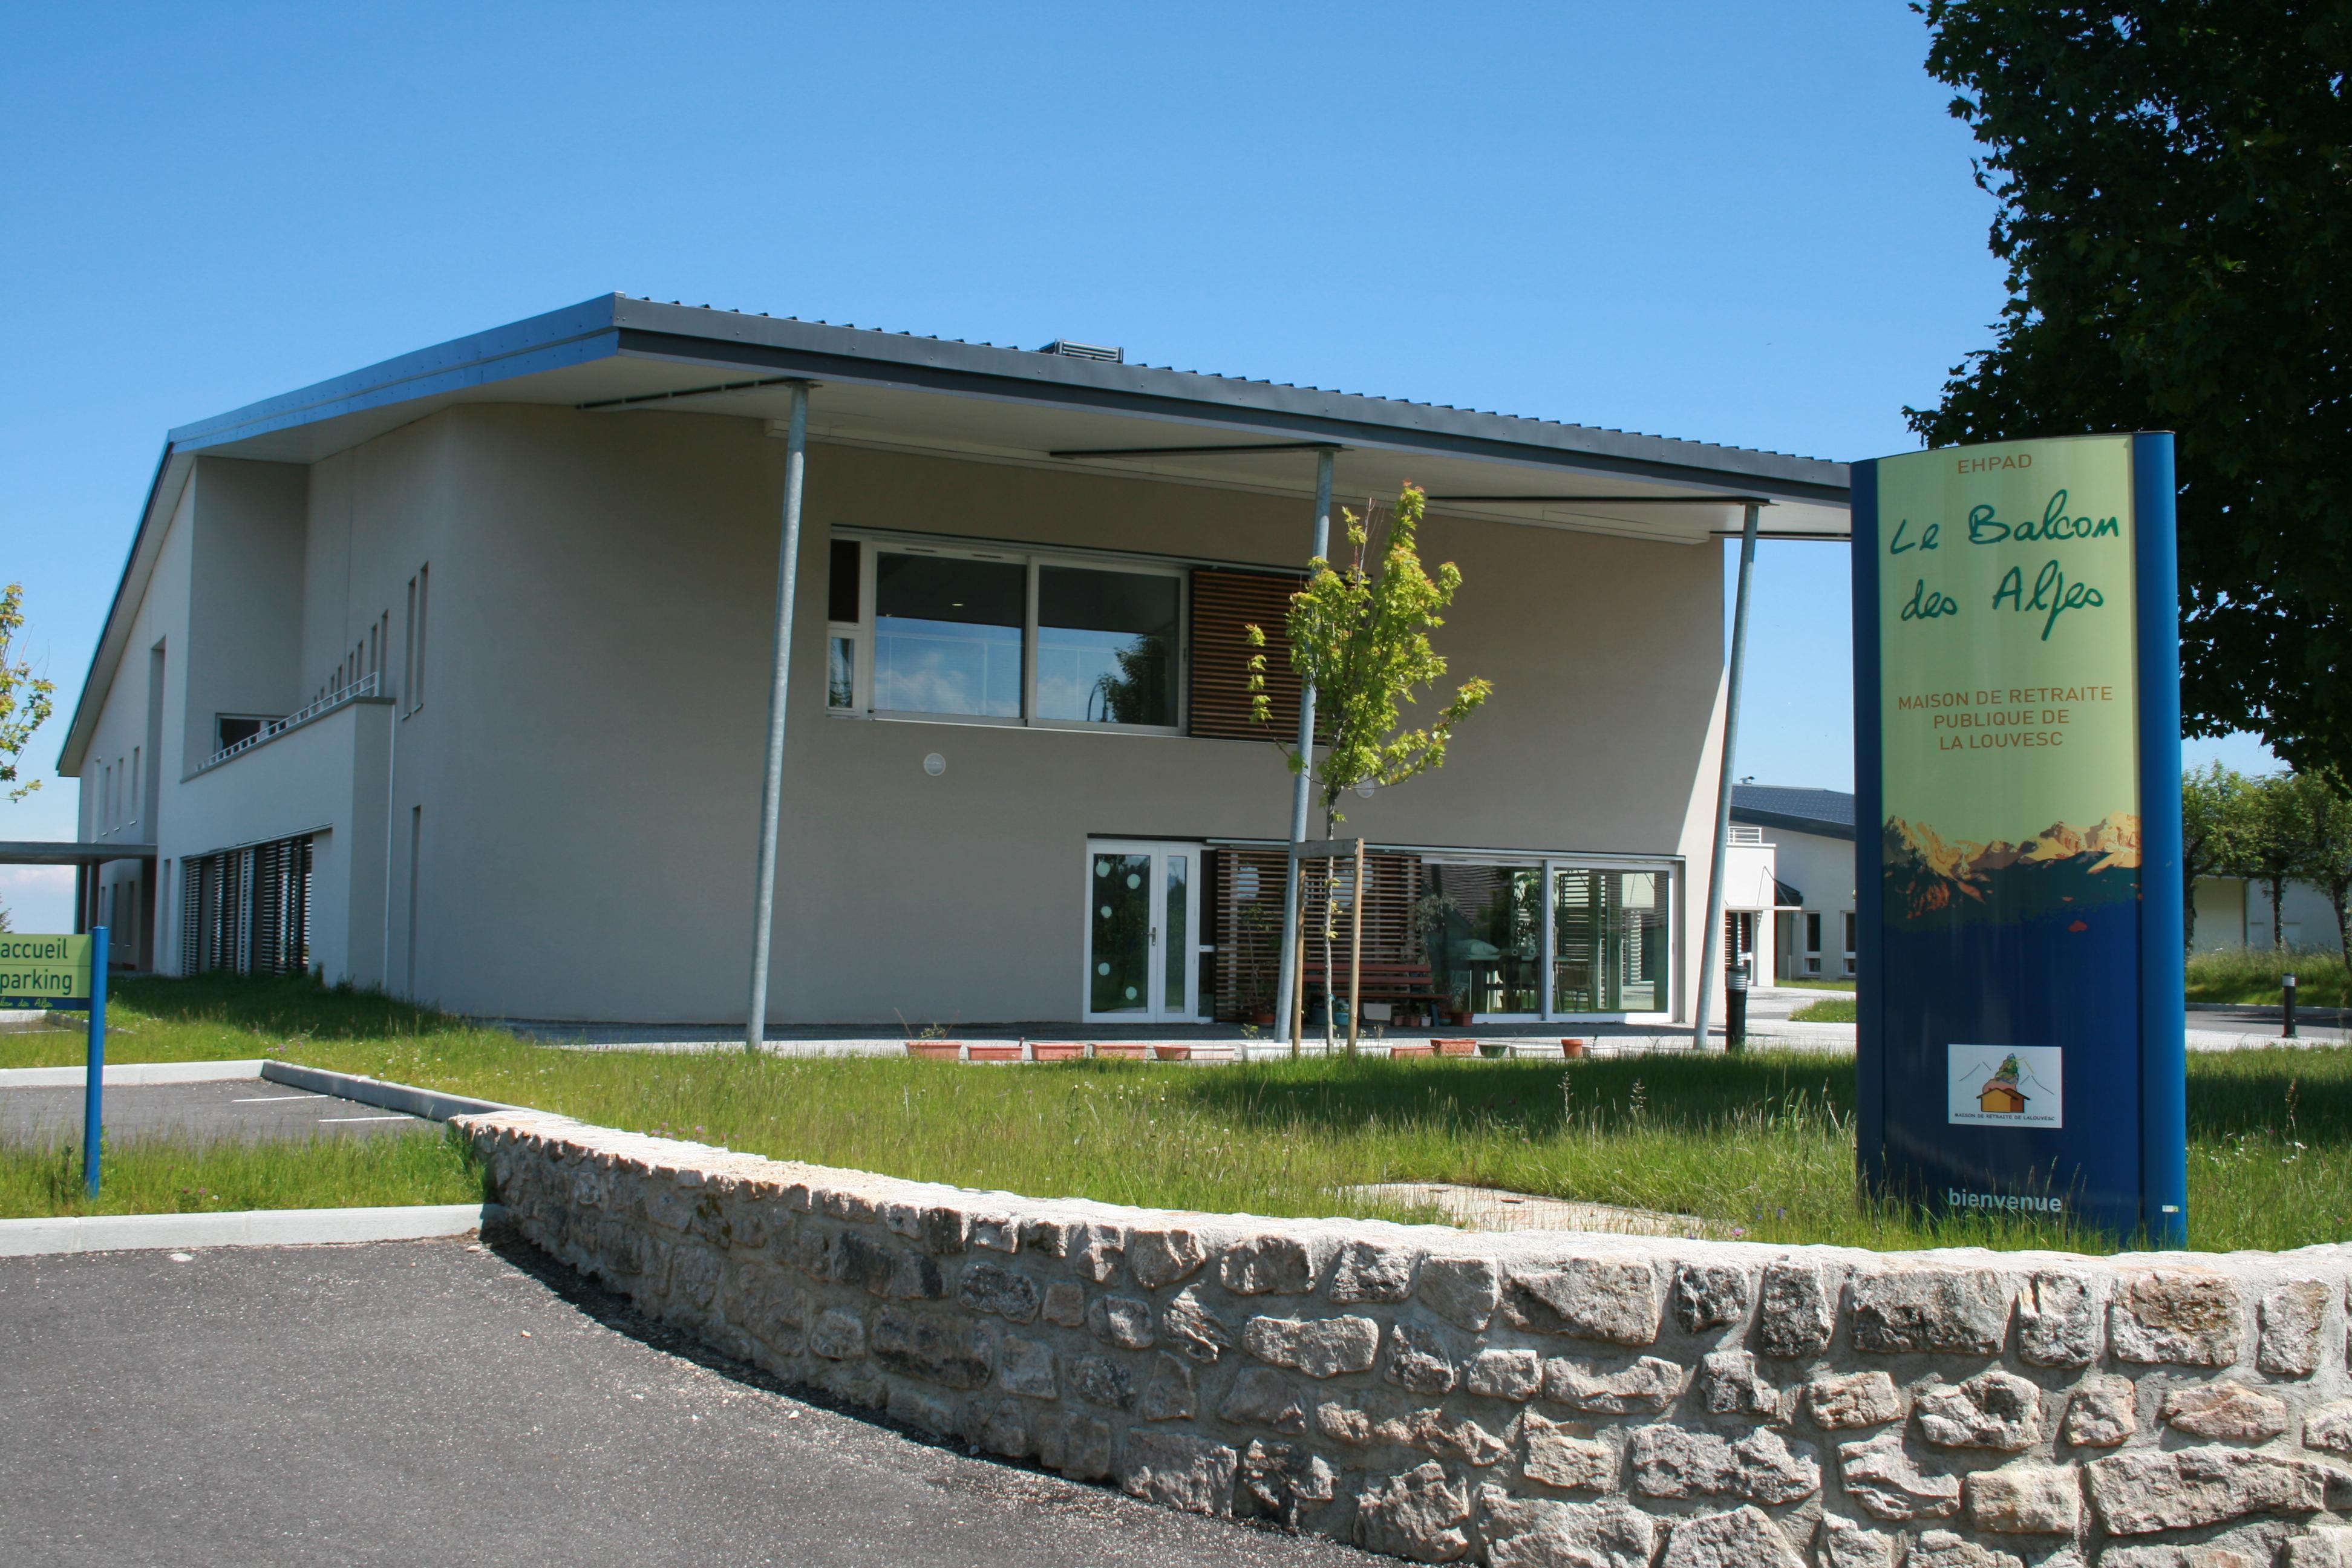 File lalouvesc maison de retraite 1 jpg wikimedia commons for Maison de retraite classique